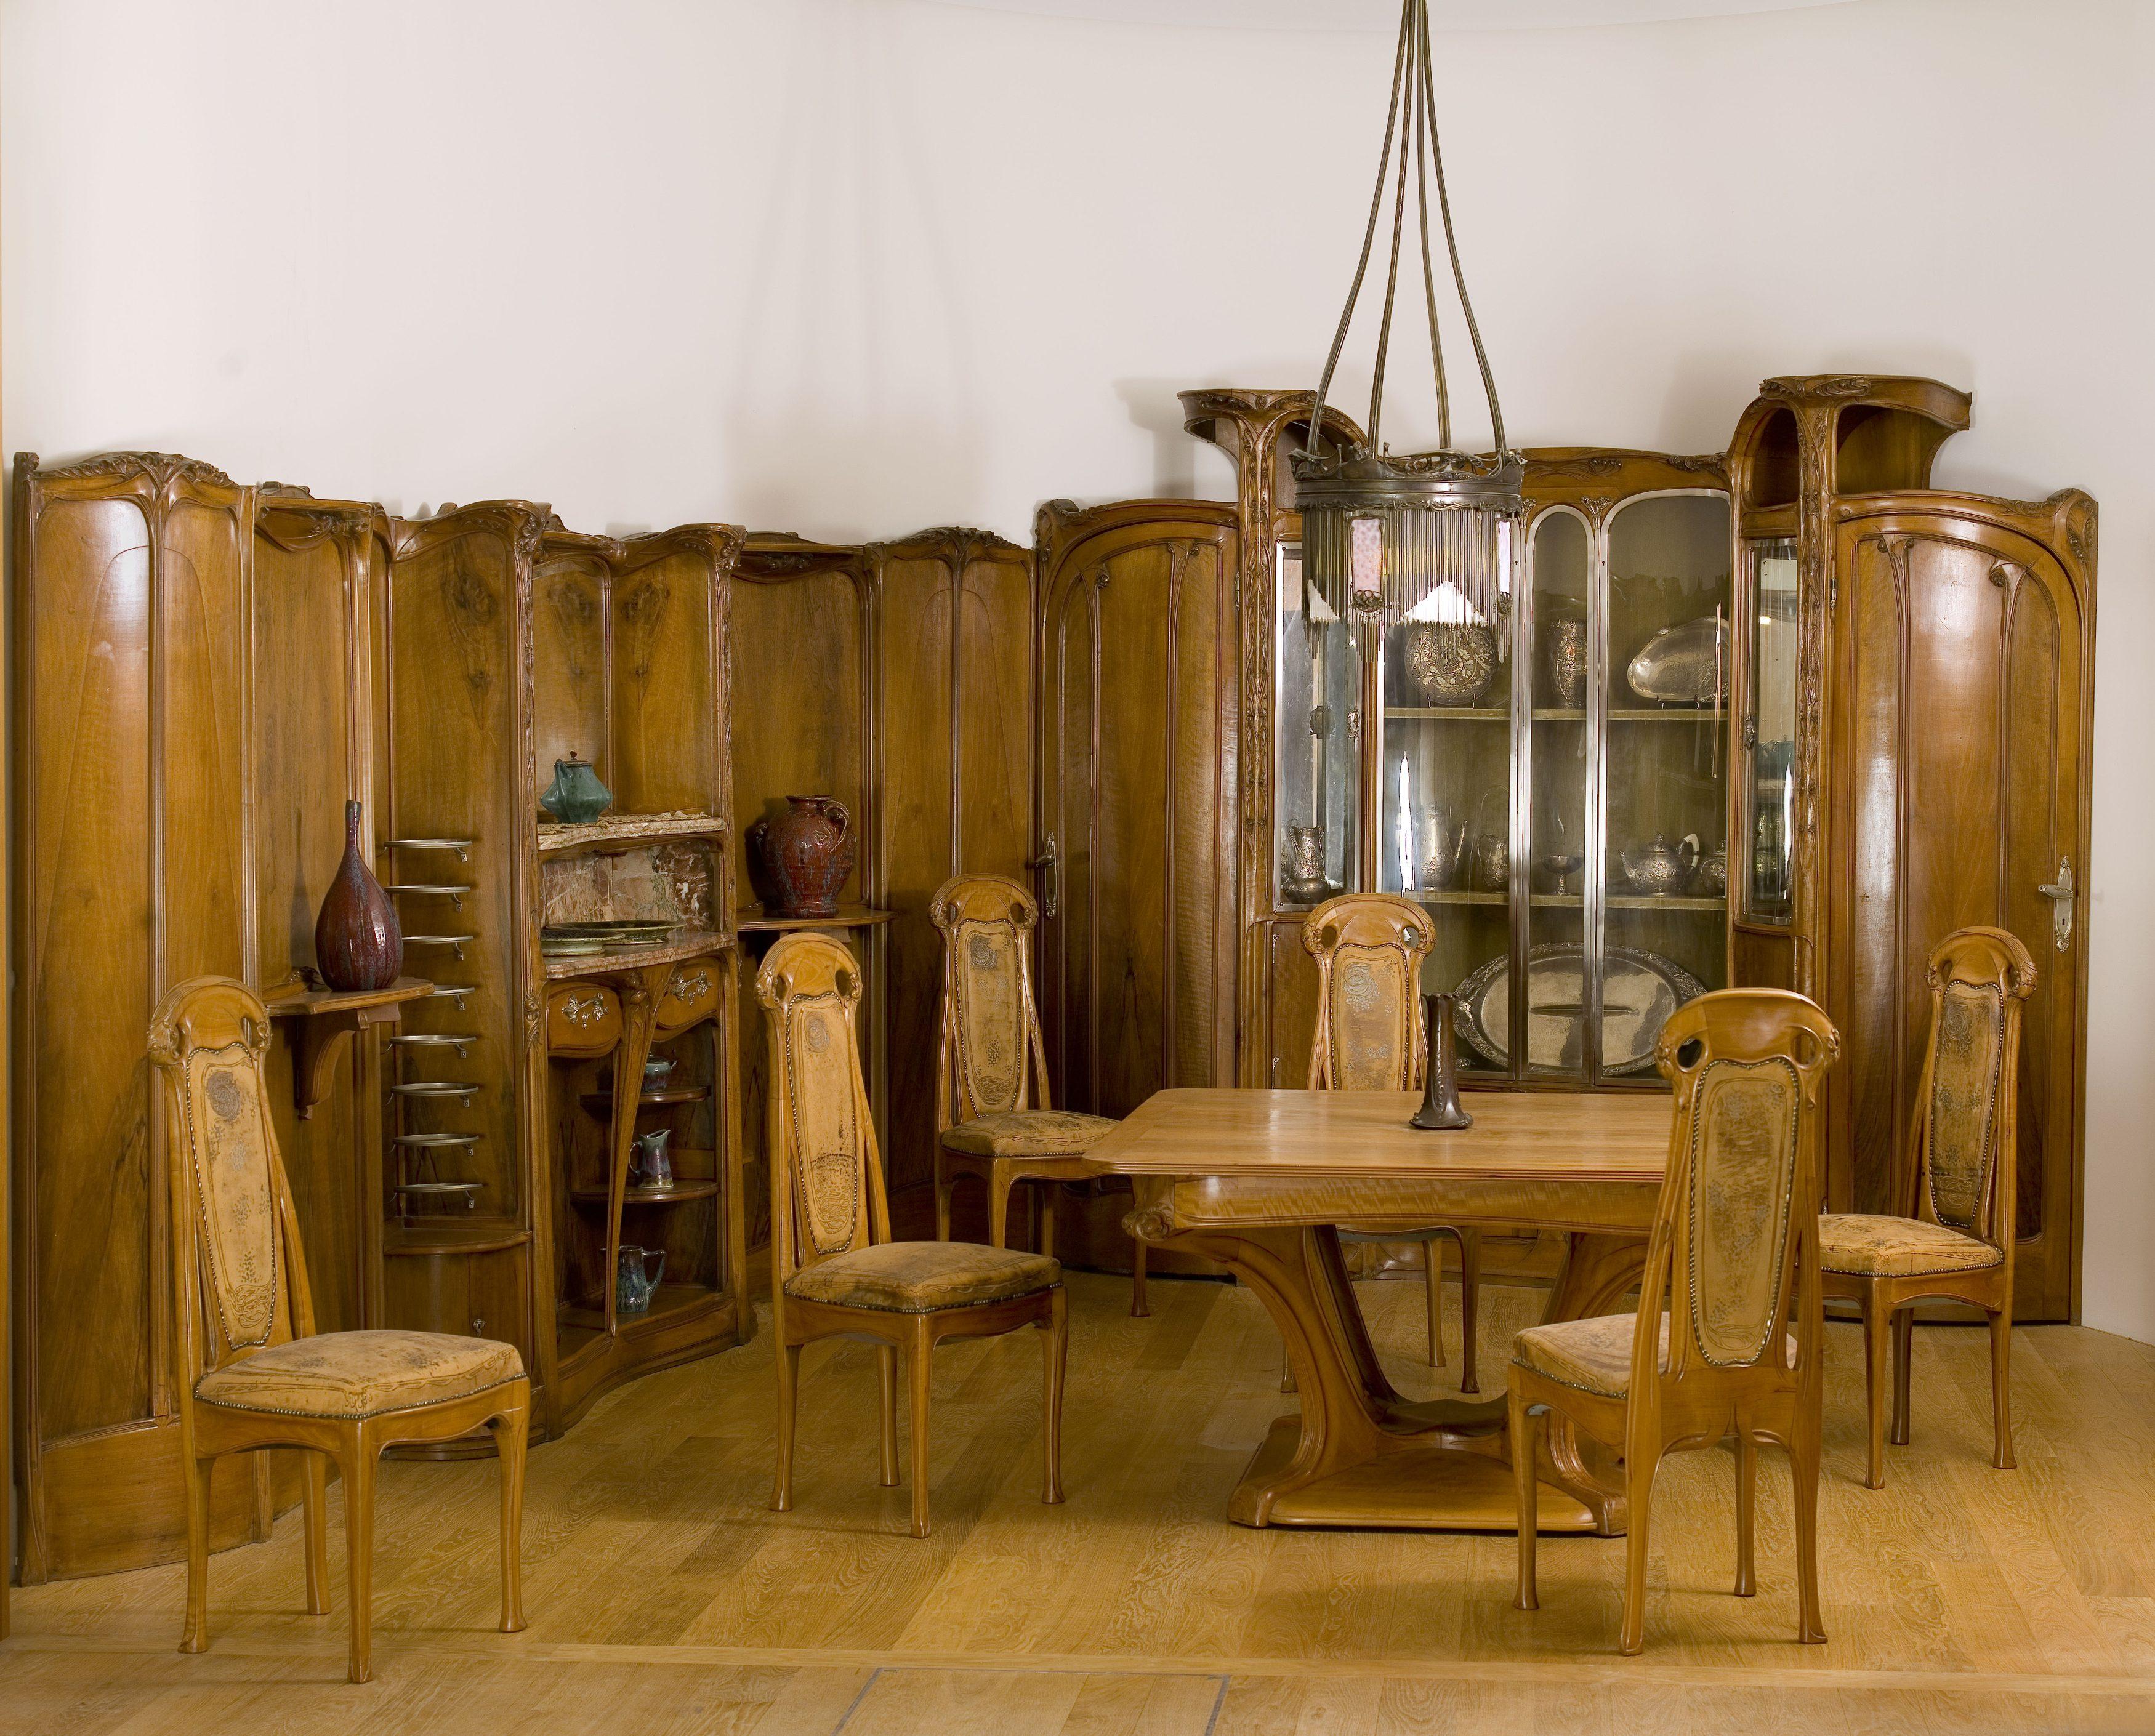 Hector Guimard - The Guimard dining room